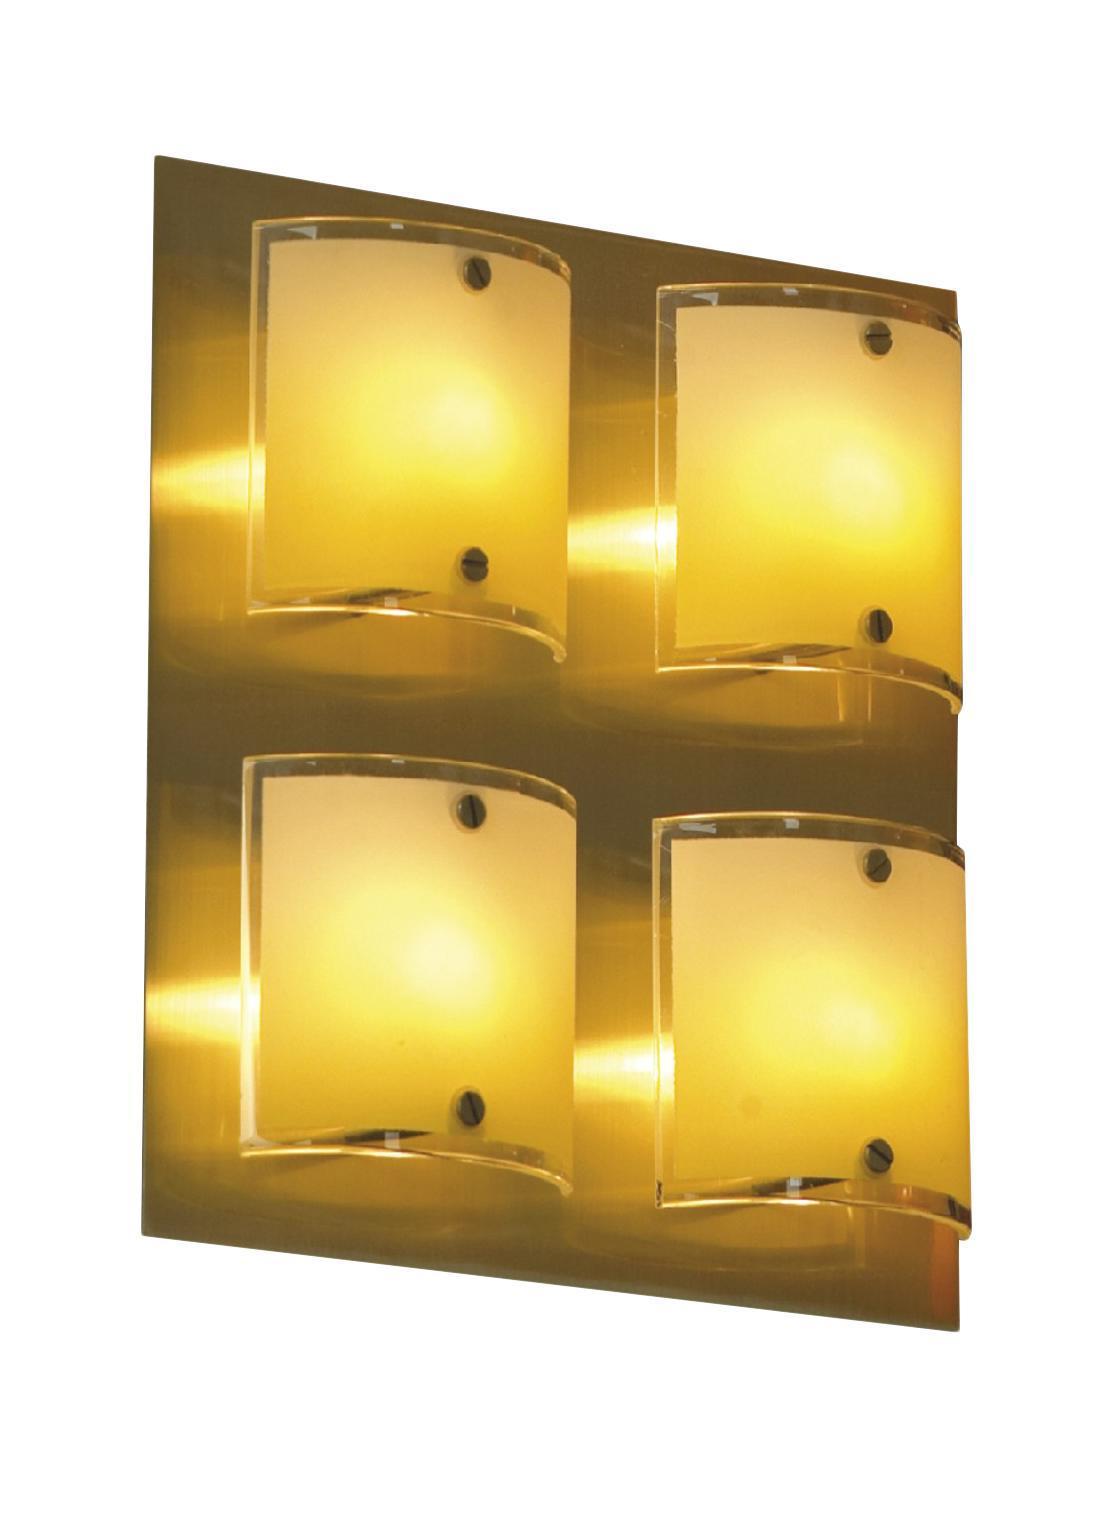 Потолочный светильник Lussole DIMANE LSQ-3191 04LSQ-3191 04От производителя Настенно-потолочный светильник Dimane отлично впишется в интерьер Вашего дома. Он хорошо смотрится как в классическом, так и в современном помещении, на штукатурке, дереве или обоях любой расцветки. Для безопасной и надежной коммутации светильника в сеть на корпусе светильника установлена клеммная колодка. Светильник дает яркий ровный сфокусированный световой поток в выбранном направлении. Светильники и люстры - предметы, без которых мы не представляем себе комфортной жизни. Сегодня функции люстры не ограничиваются освещением помещения. Она также является центральной фигурой интерьера, подчеркивает общий стиль помещения, создает уют и дарит эстетическое удовольствие.